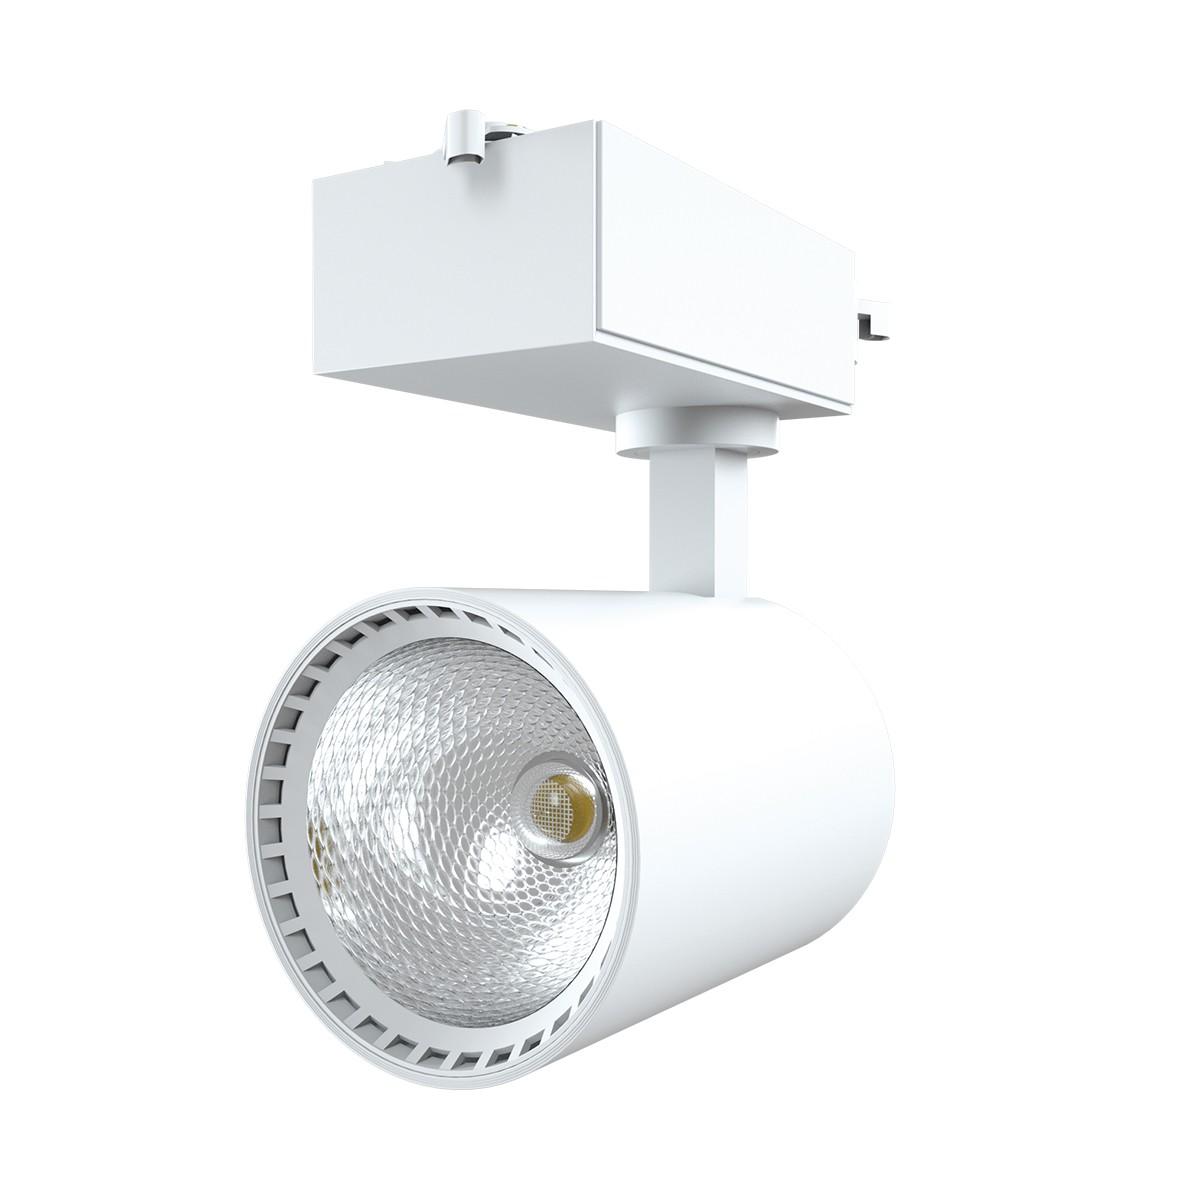 Spot LED Branco Aluminio 18W Bivolt Luz Amarela - Luminatti